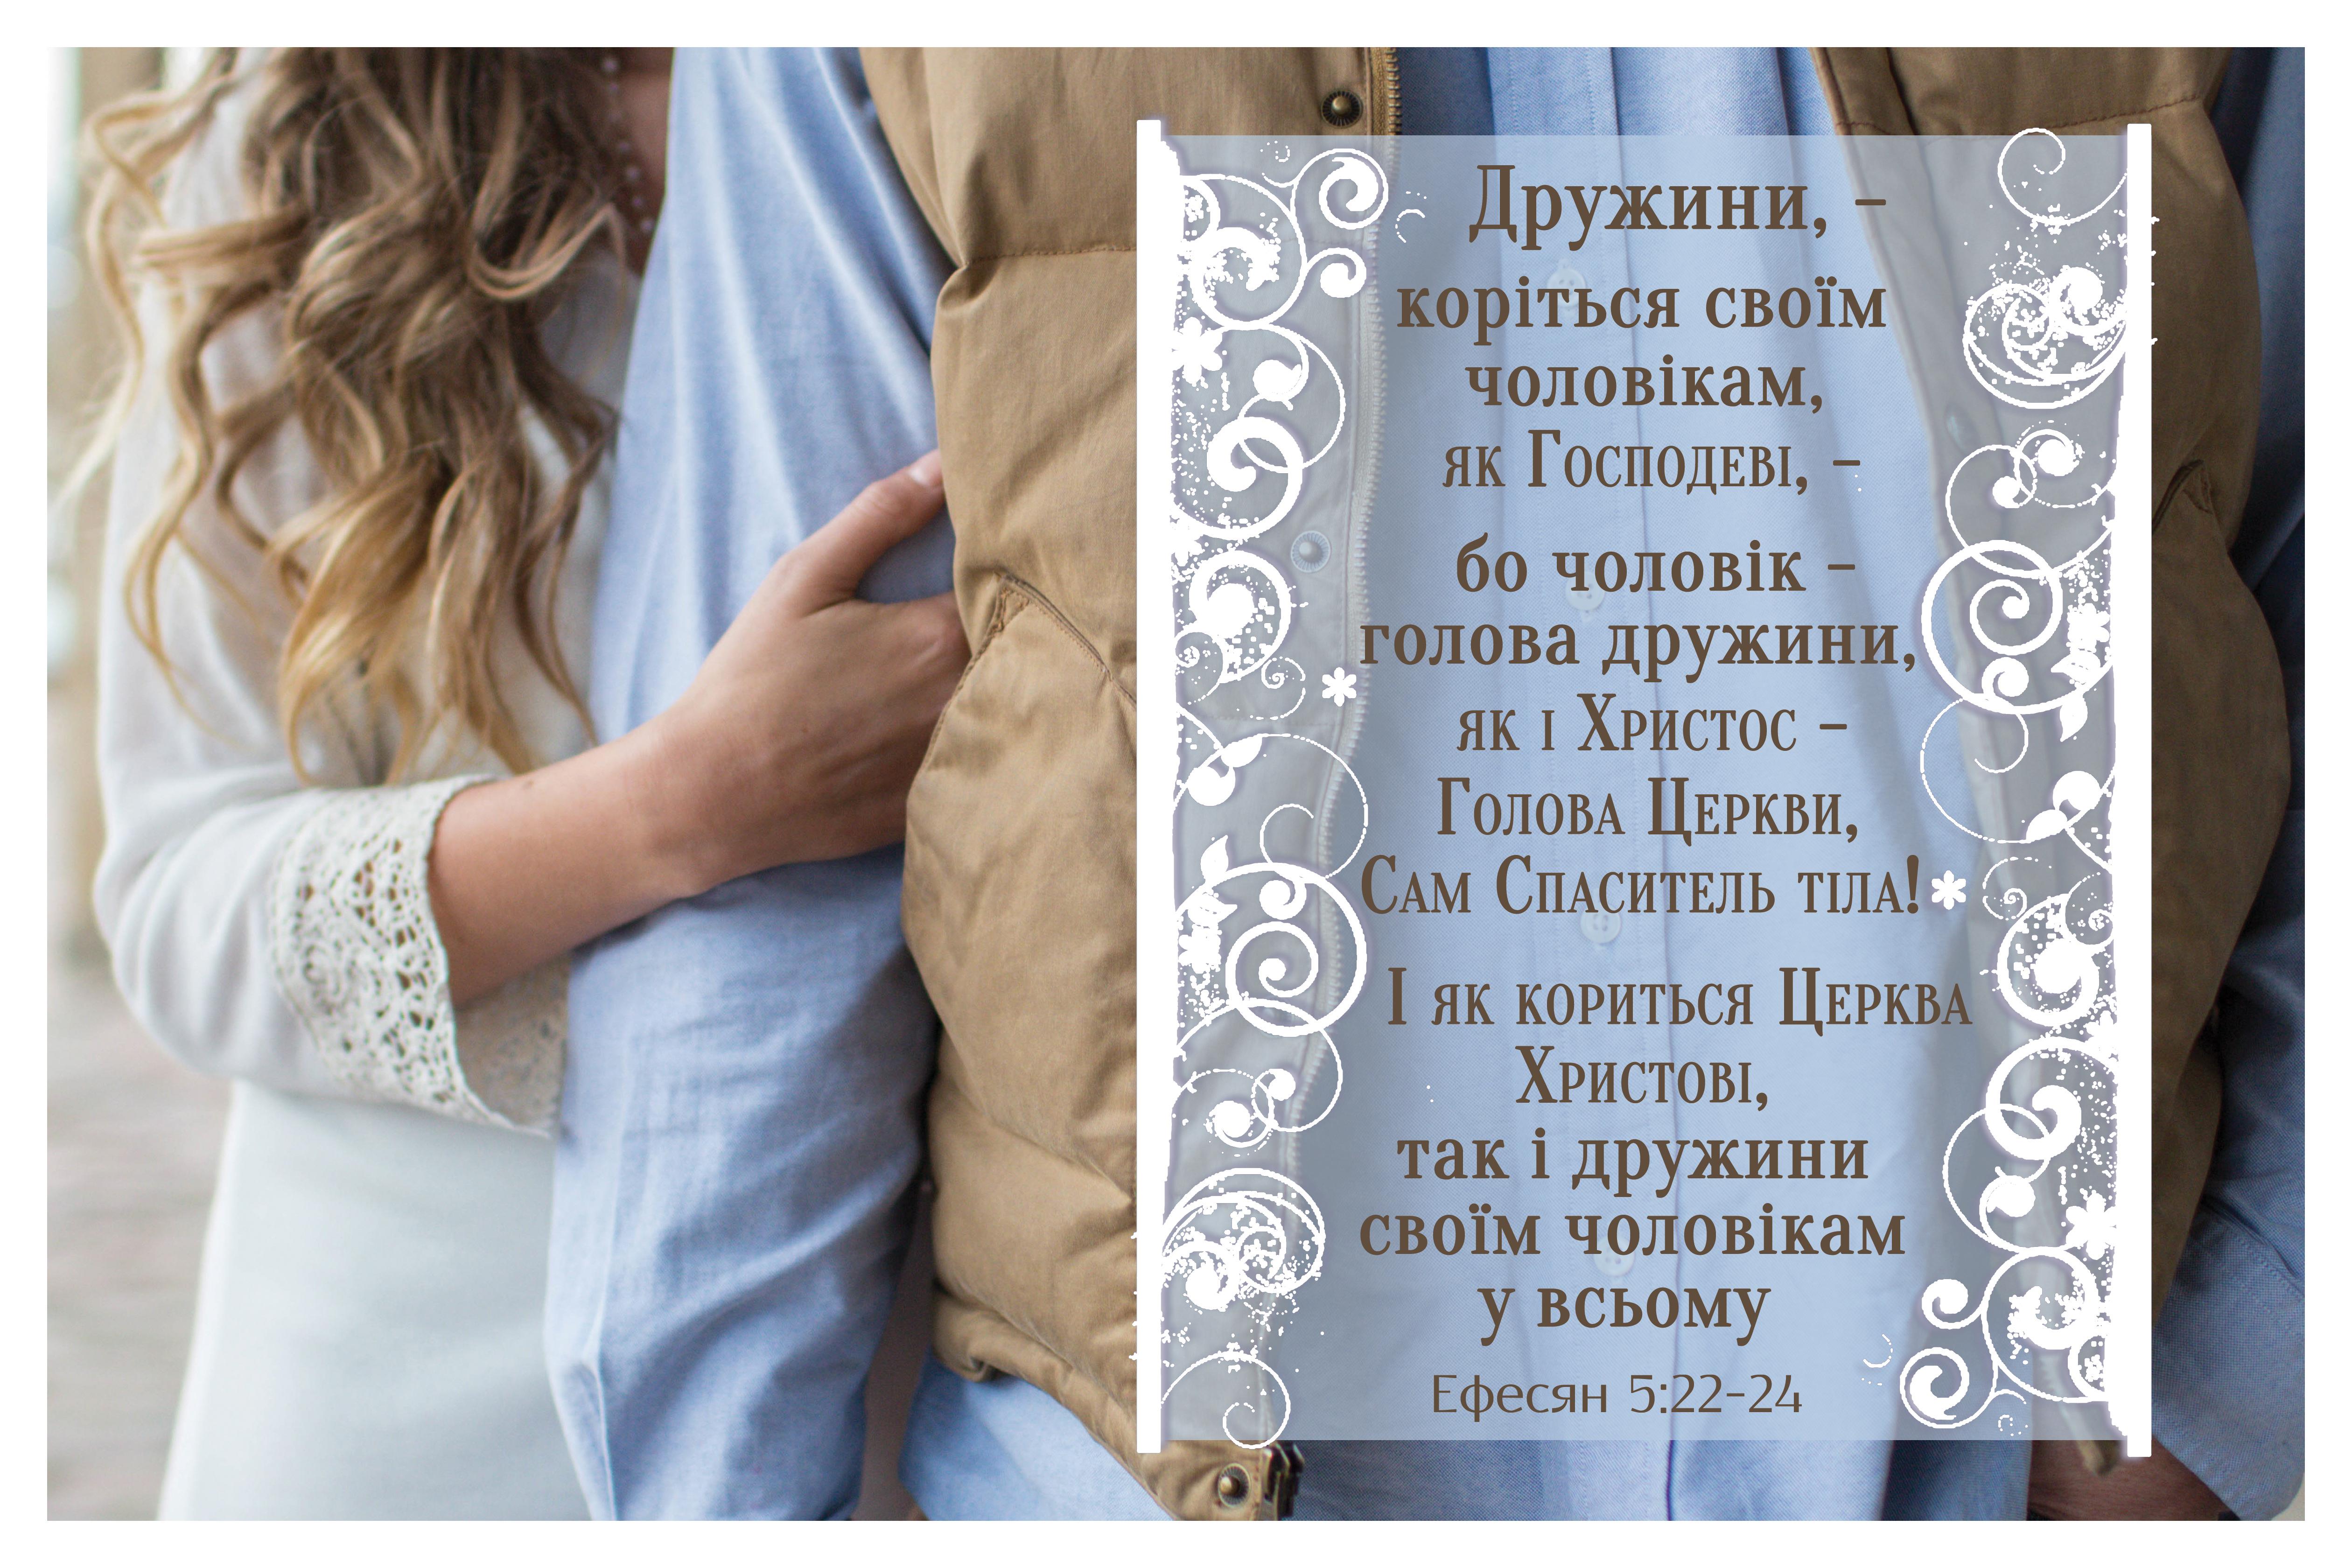 Біблія, покора жінки чоловіку